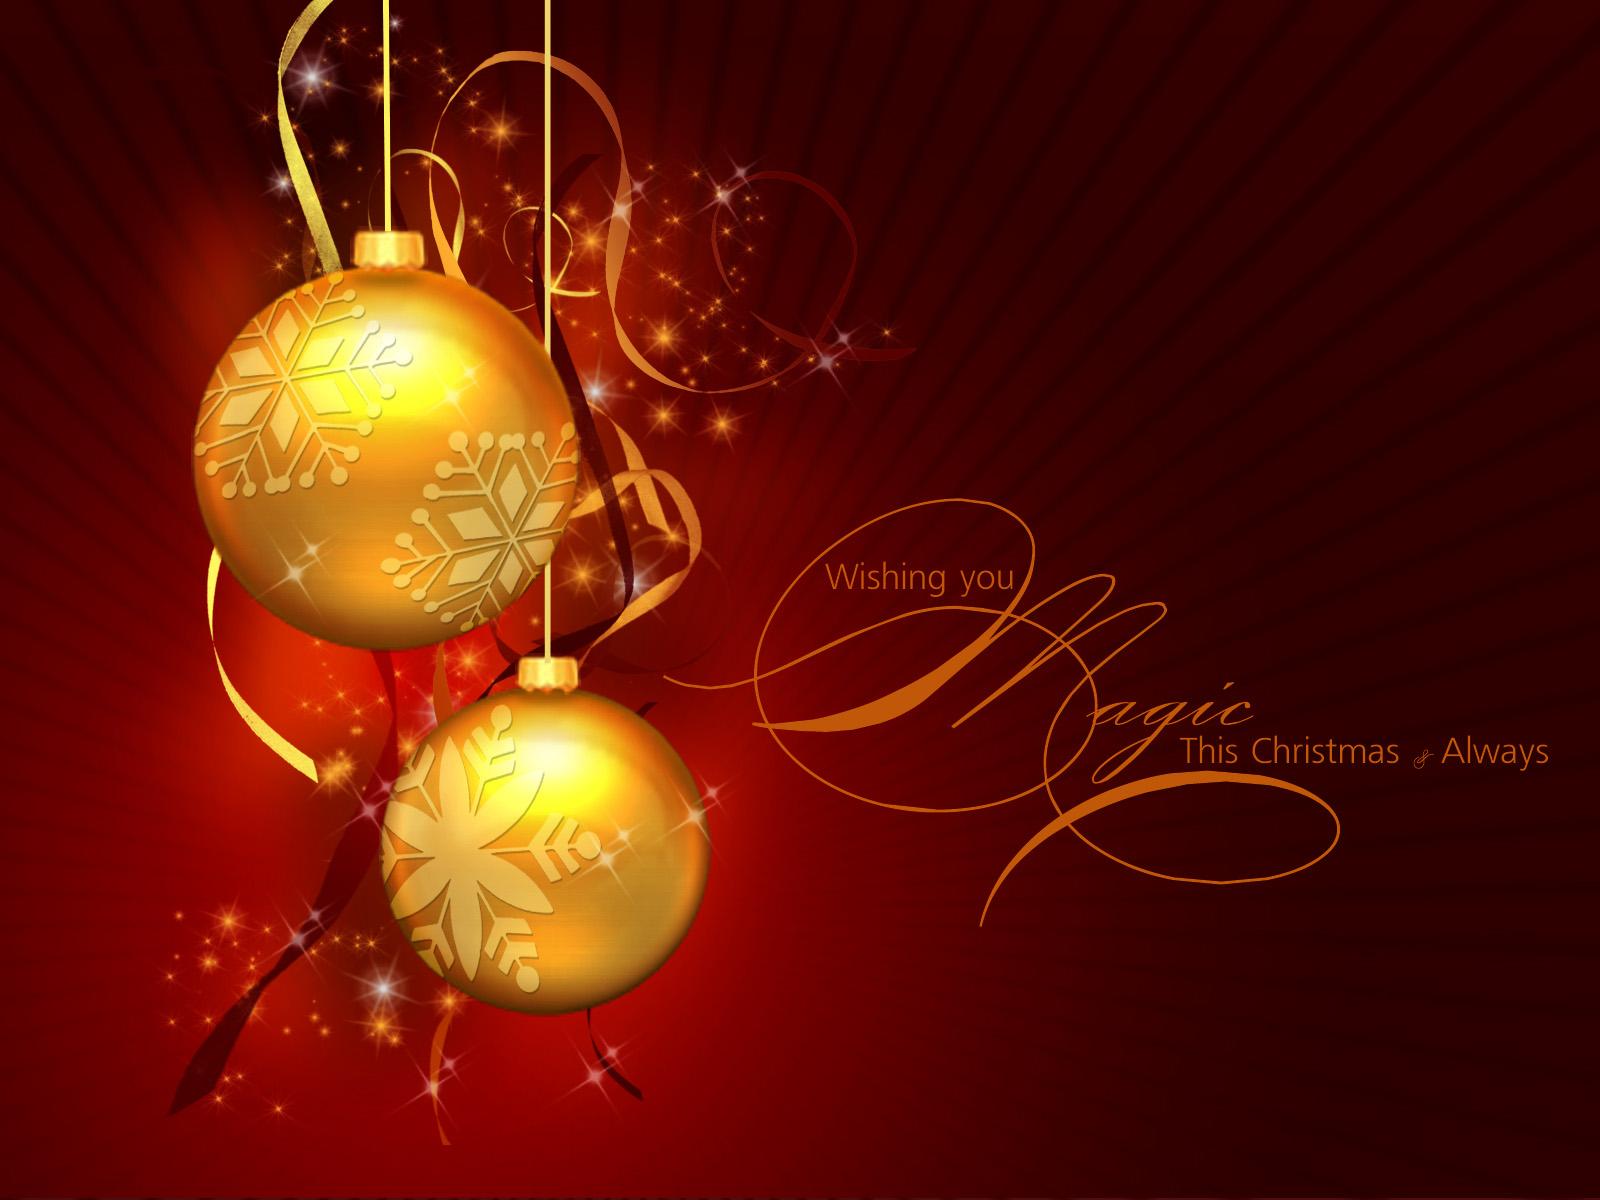 http://1.bp.blogspot.com/-N8z0jsL84KU/TvTovF0fBSI/AAAAAAAAI2s/hE8S8F1Ynsw/s1600/Christmas+Wallpaper.jpg